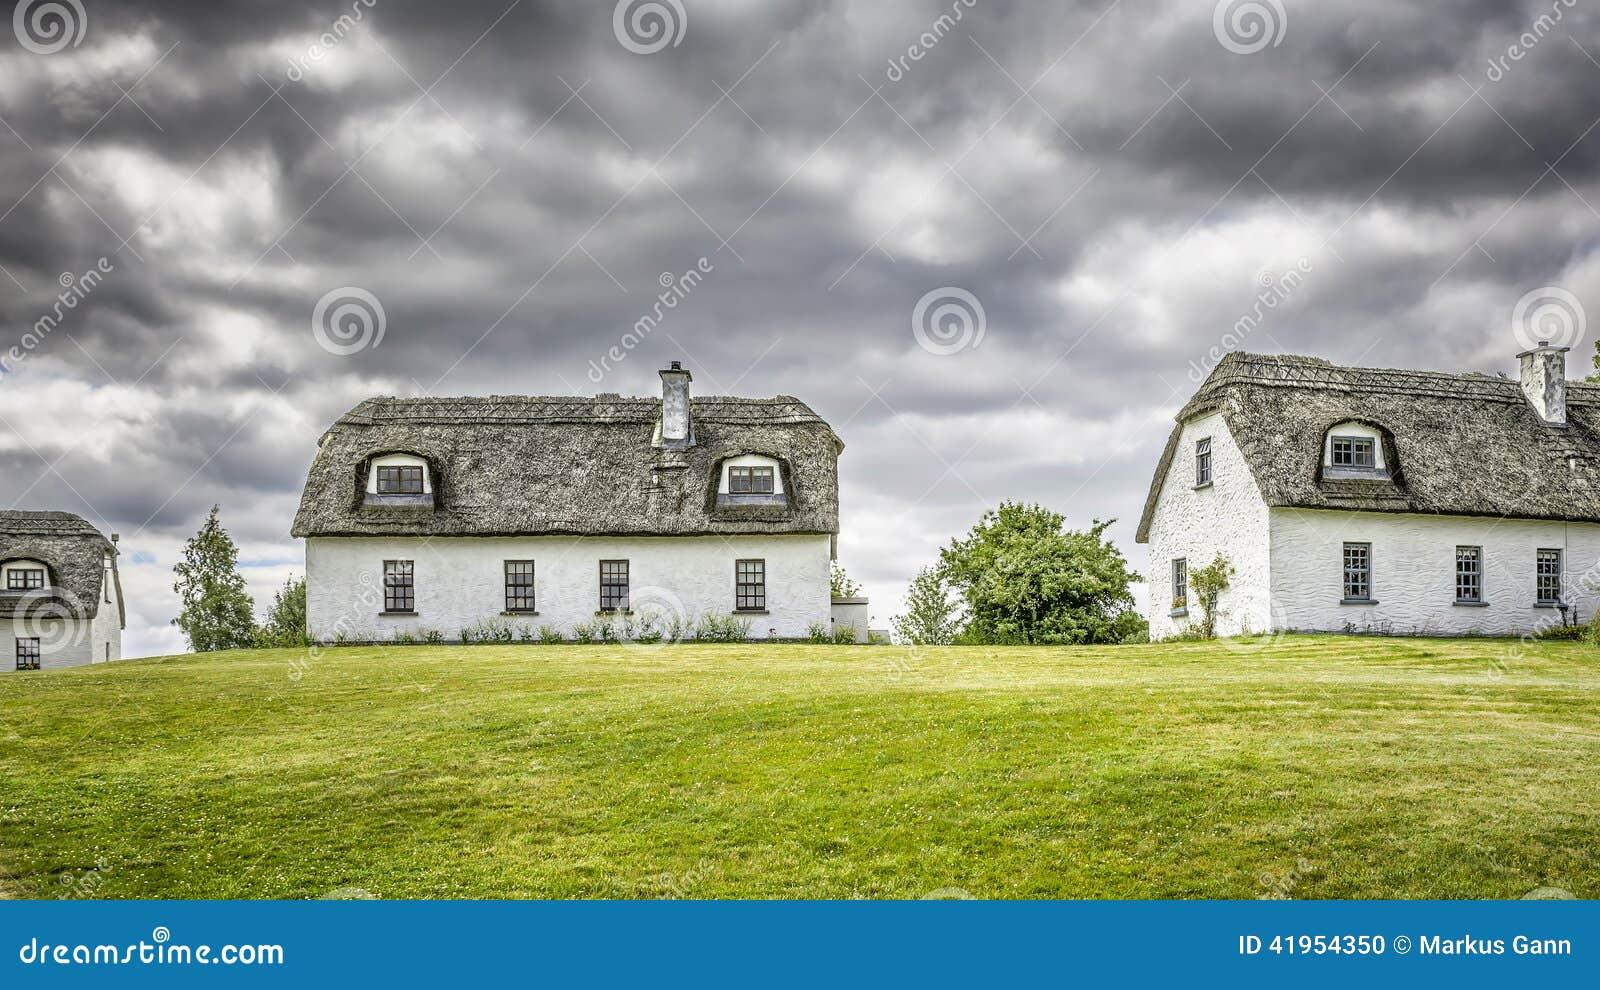 mit stroh gedeckte h user in irland stockfoto bild 41954350. Black Bedroom Furniture Sets. Home Design Ideas